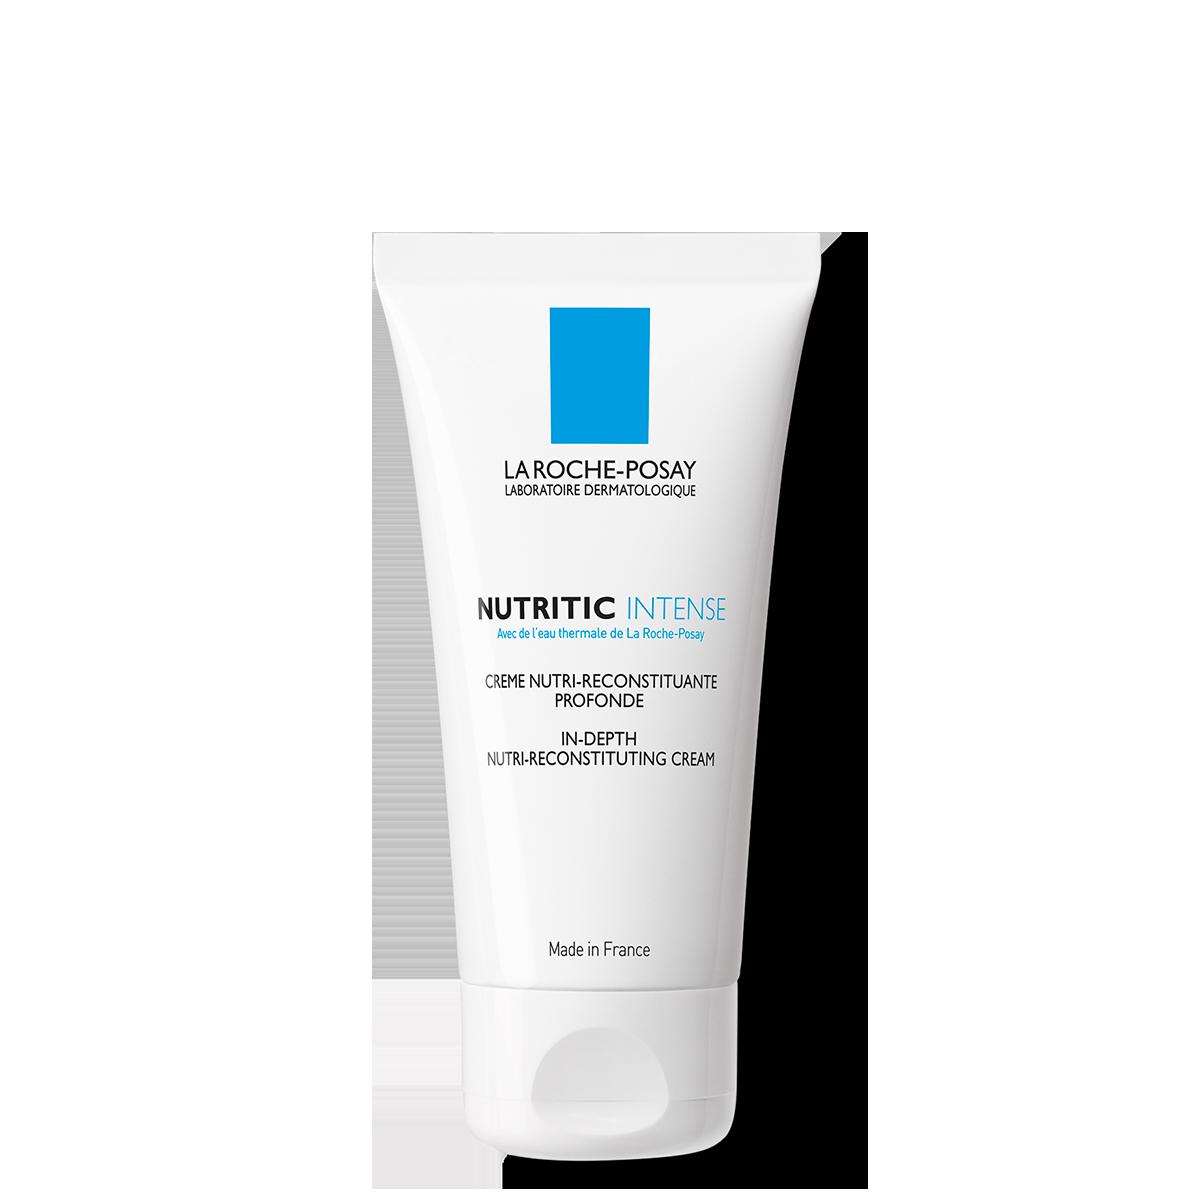 La Roche Posay Tuotesivu Kasvojenhoito Nutritic Intense Cream 50ml 33378